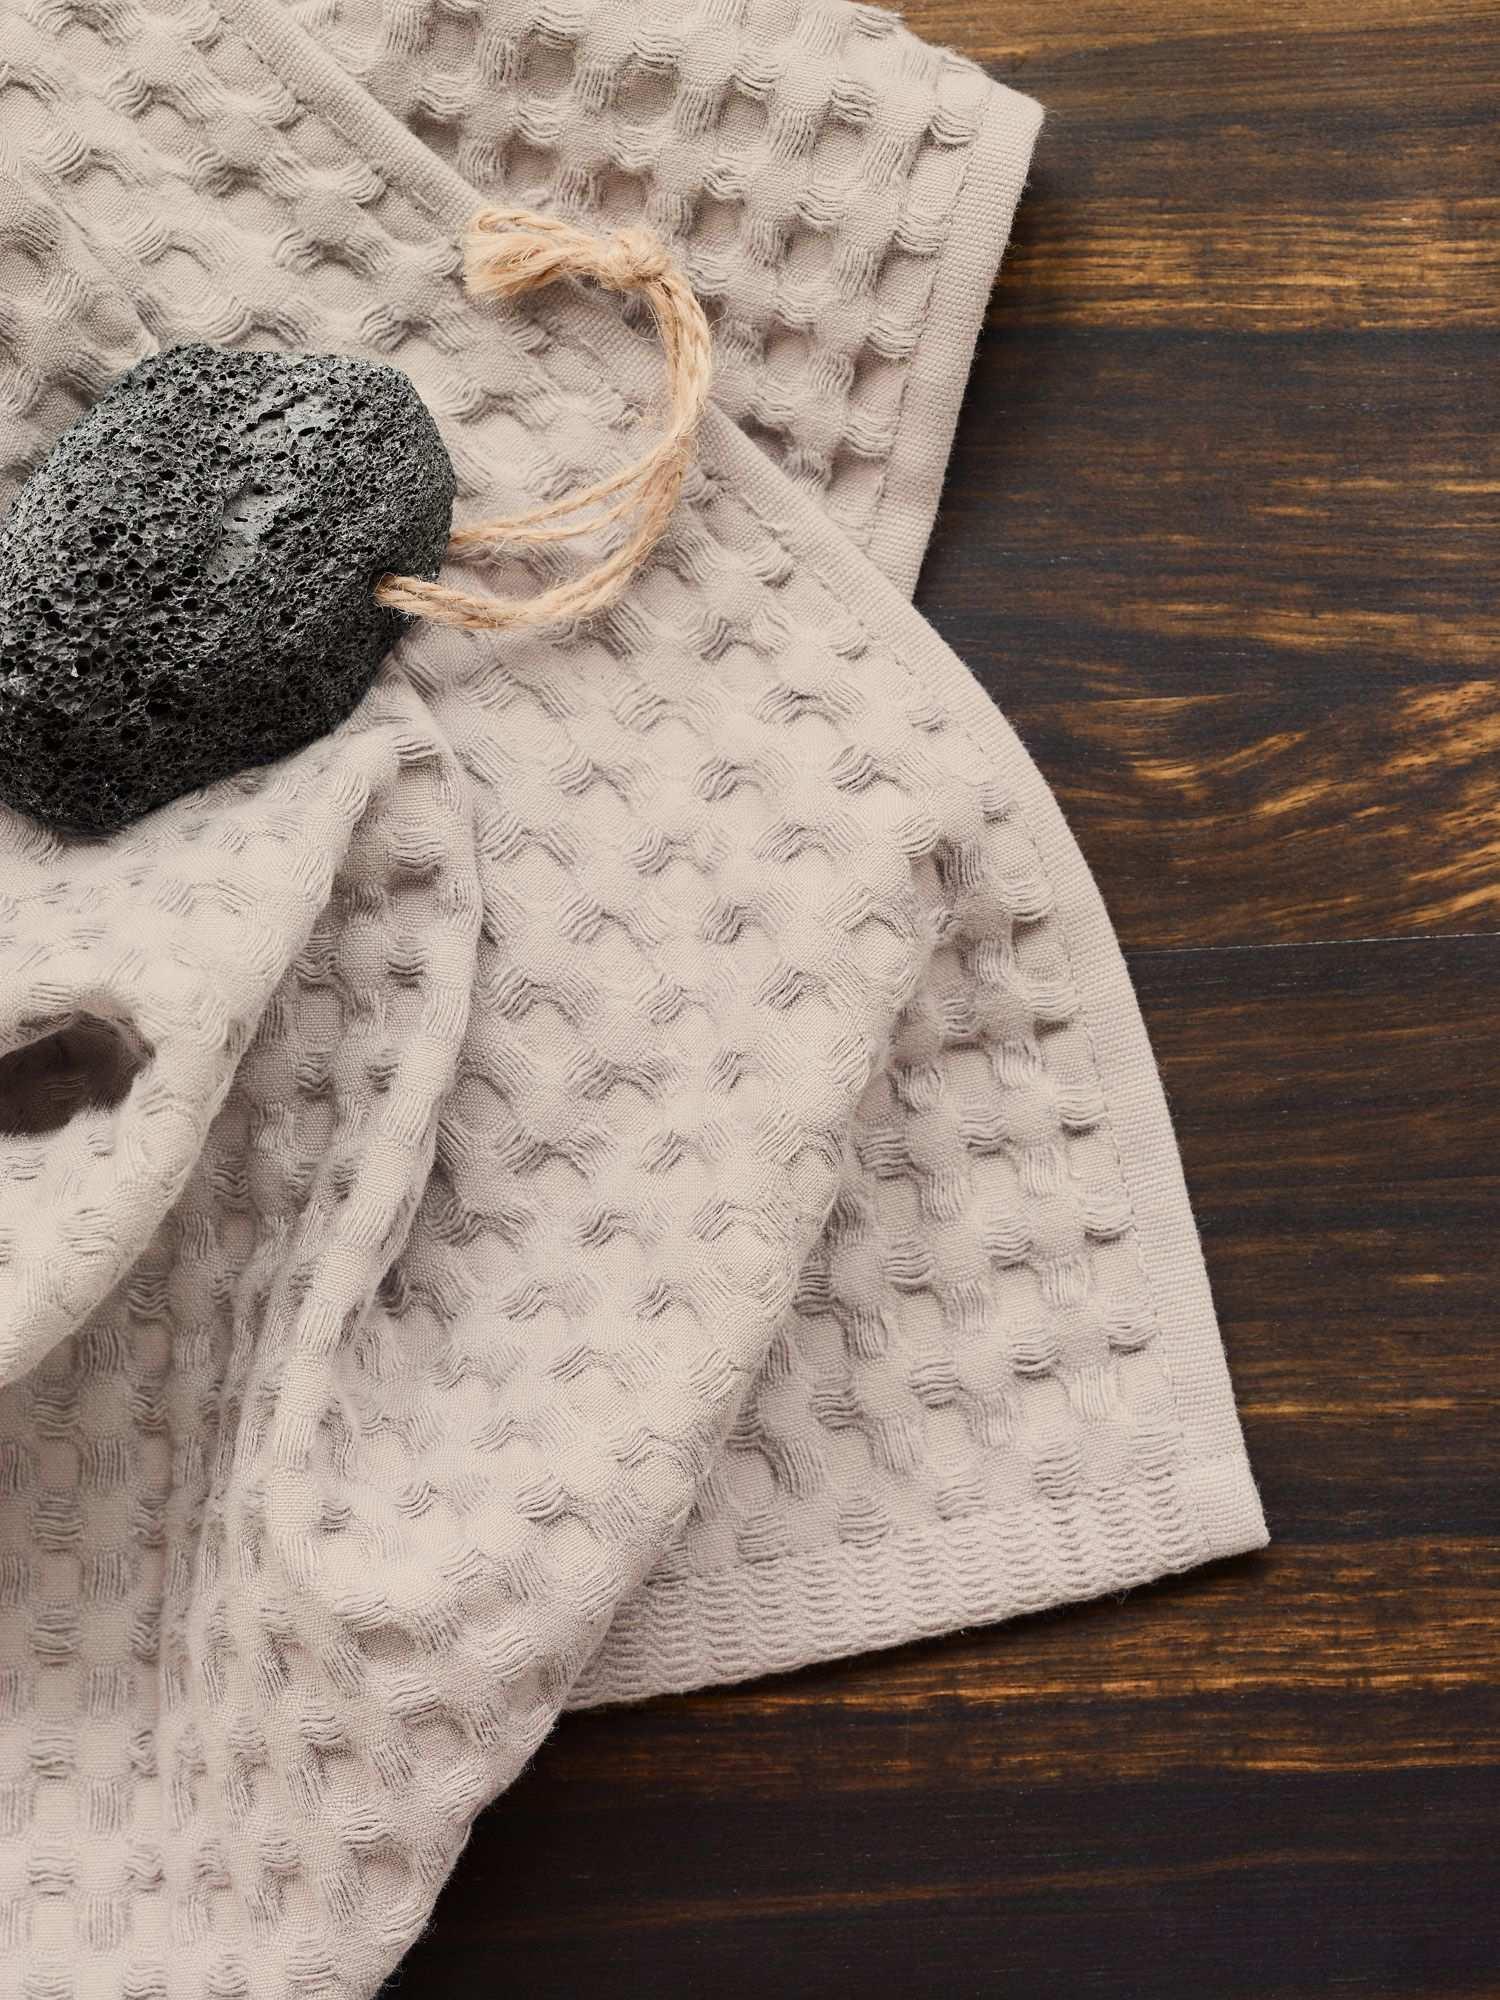 Wunderschone Handtuch Serie Aus Hautfreundlicher Und Weicher Baumwolle Mit Einem Raffiniertem Waffelmuster Handtucher Waffelpique Badaccessoires